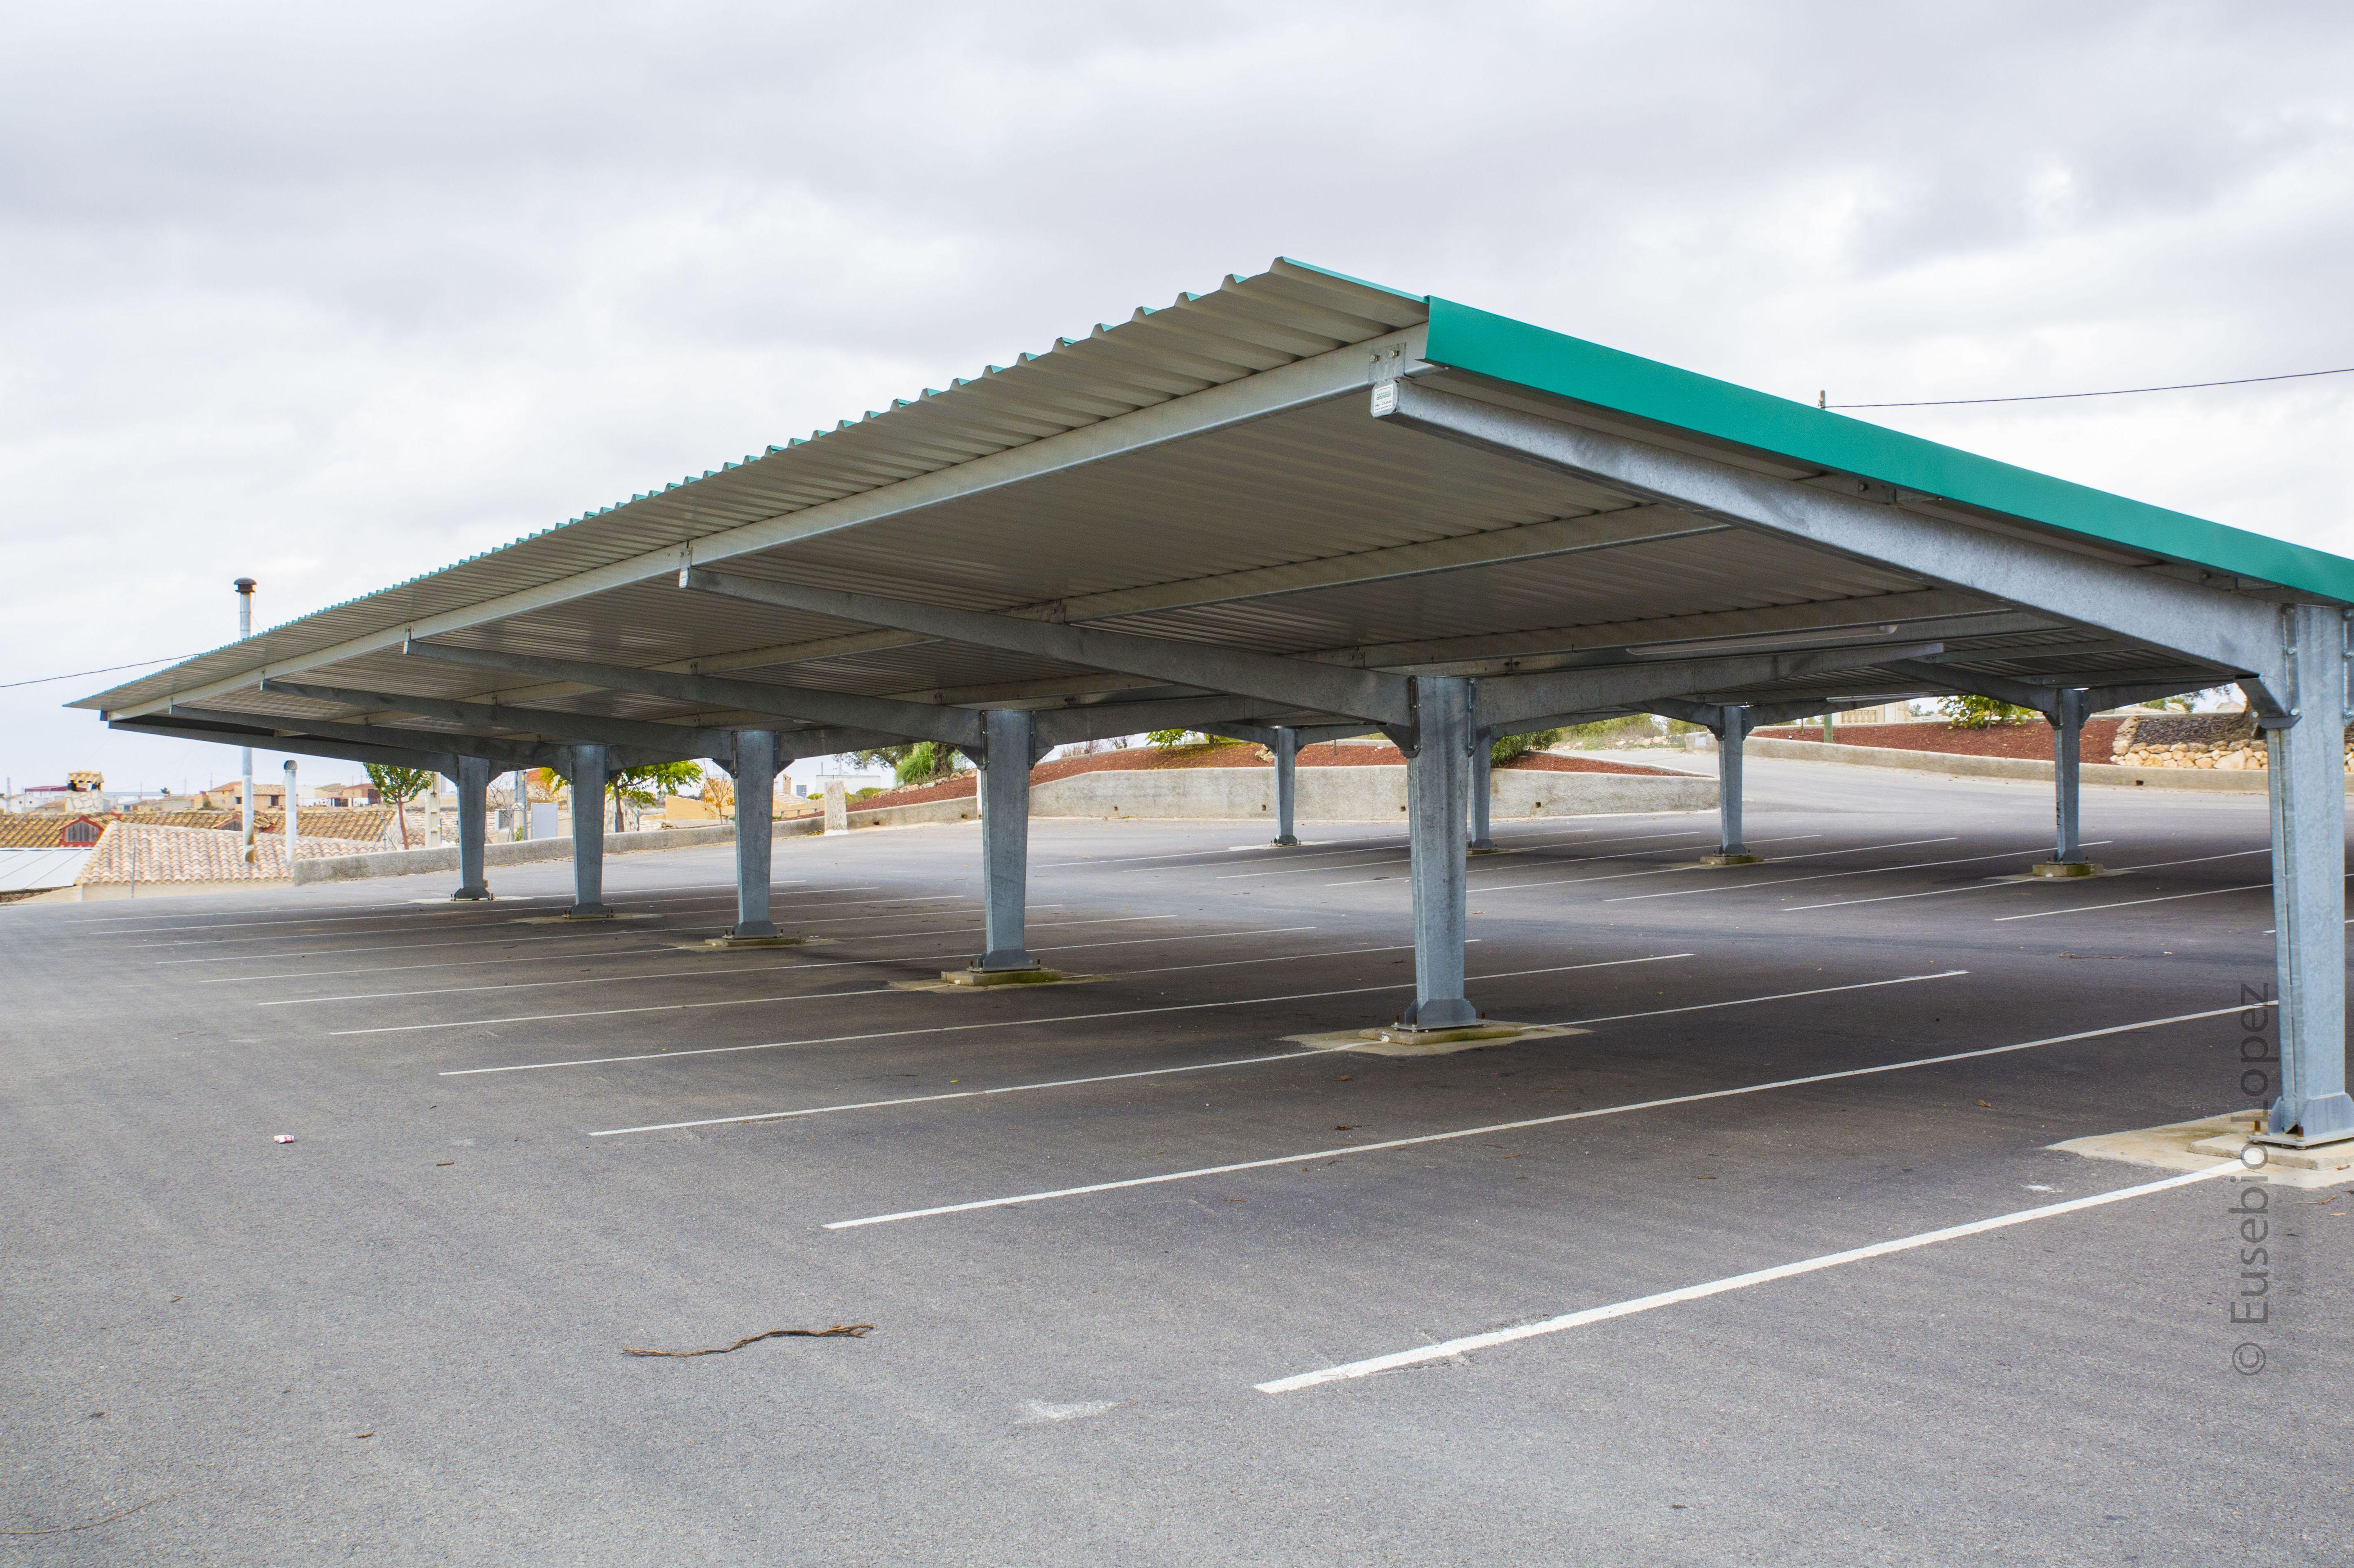 Zona de aparcamiento para coches en el restaurante